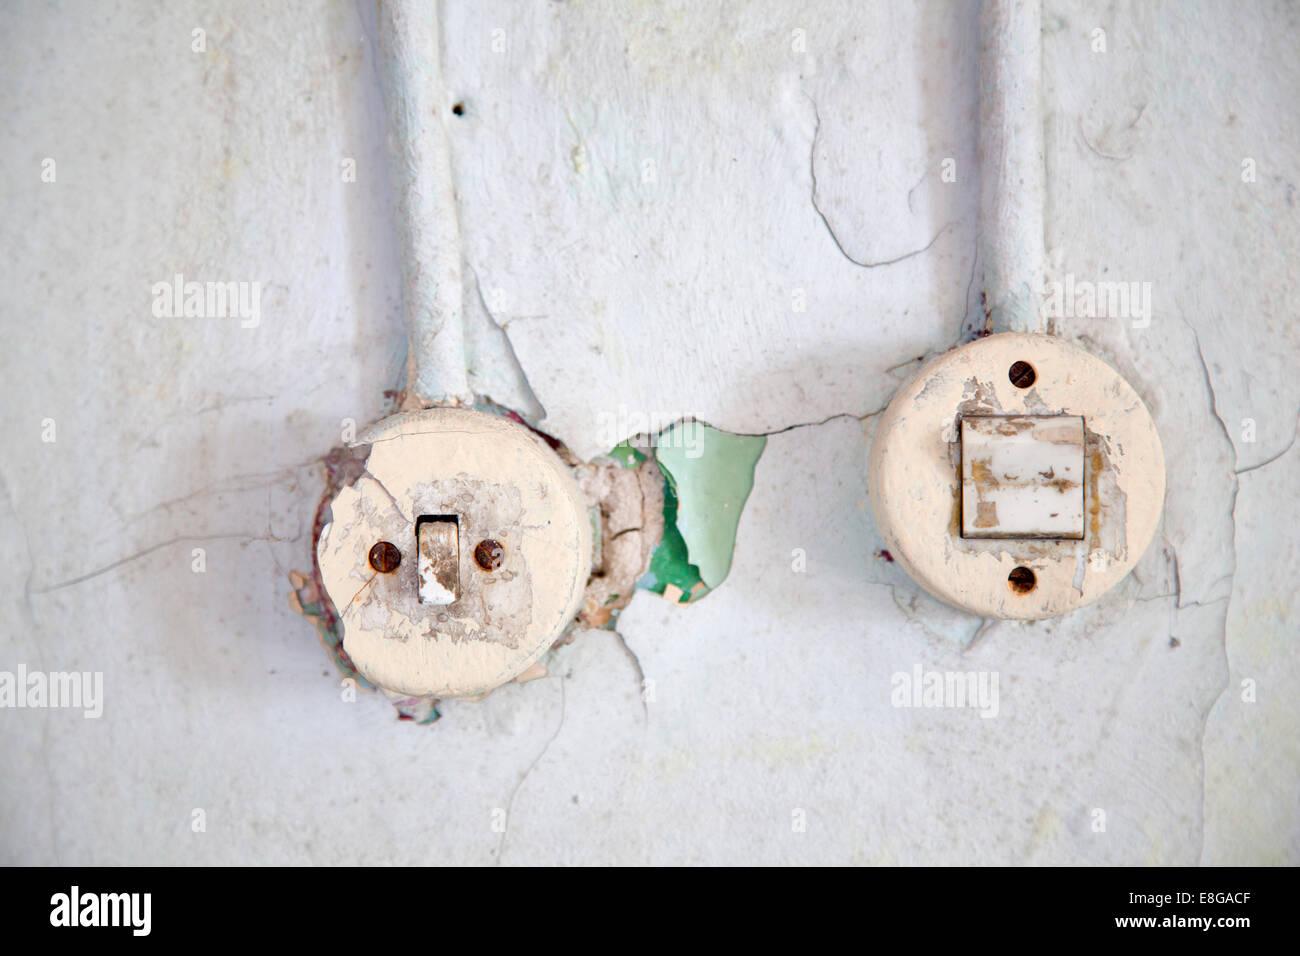 Zwei Lichtschalter in einer Ruine Stock Photo, Royalty Free Image ...